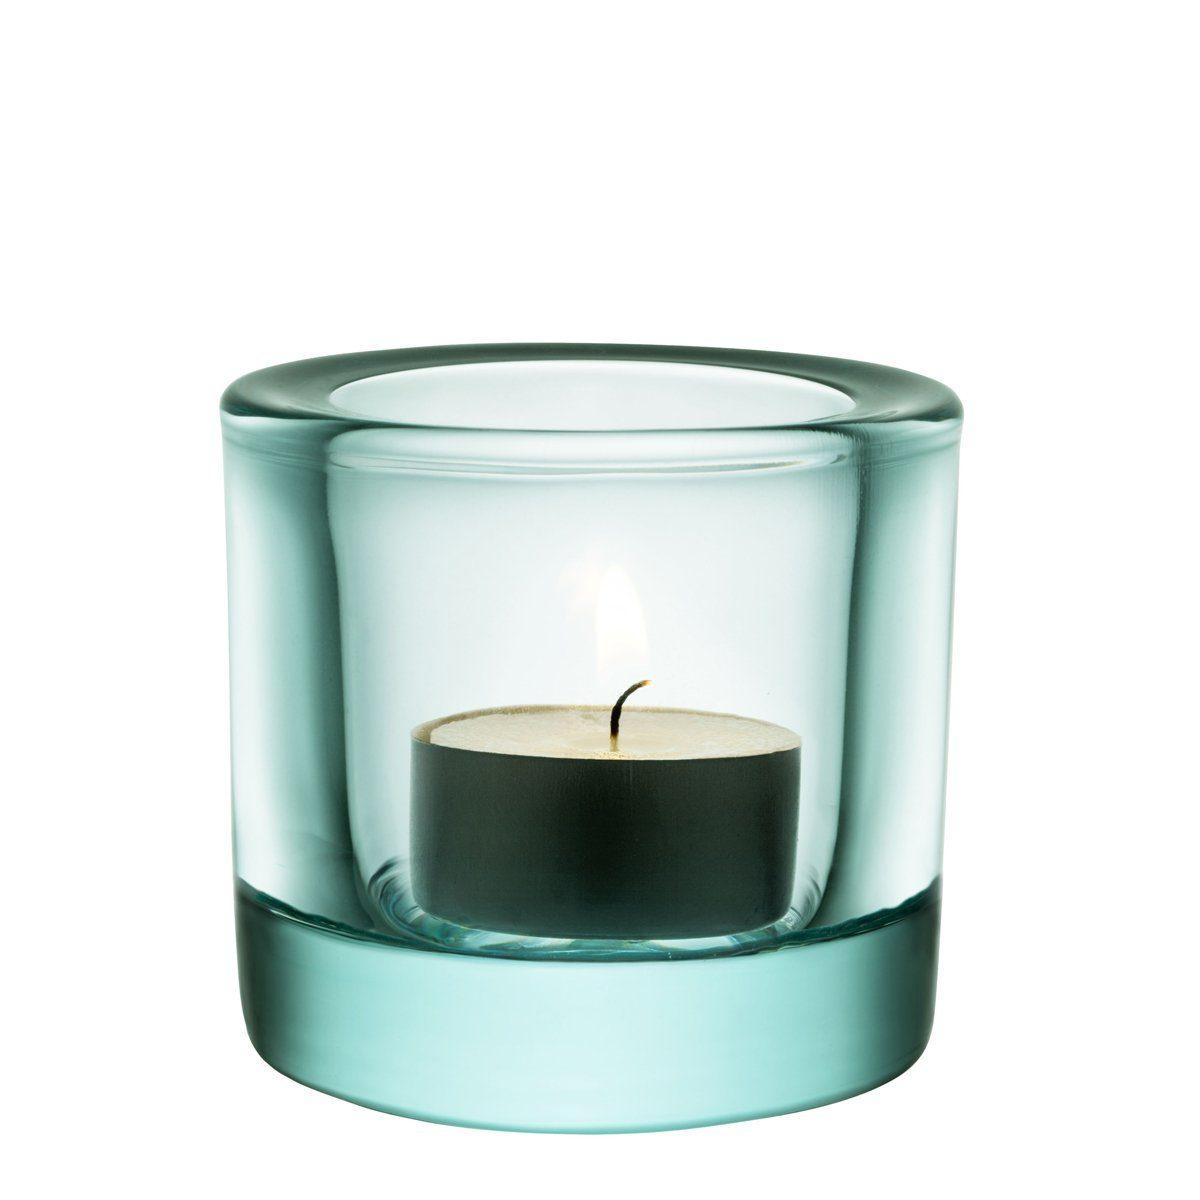 IITTALA Iittala Teelichthalter KIVI wassergrün 6 cm